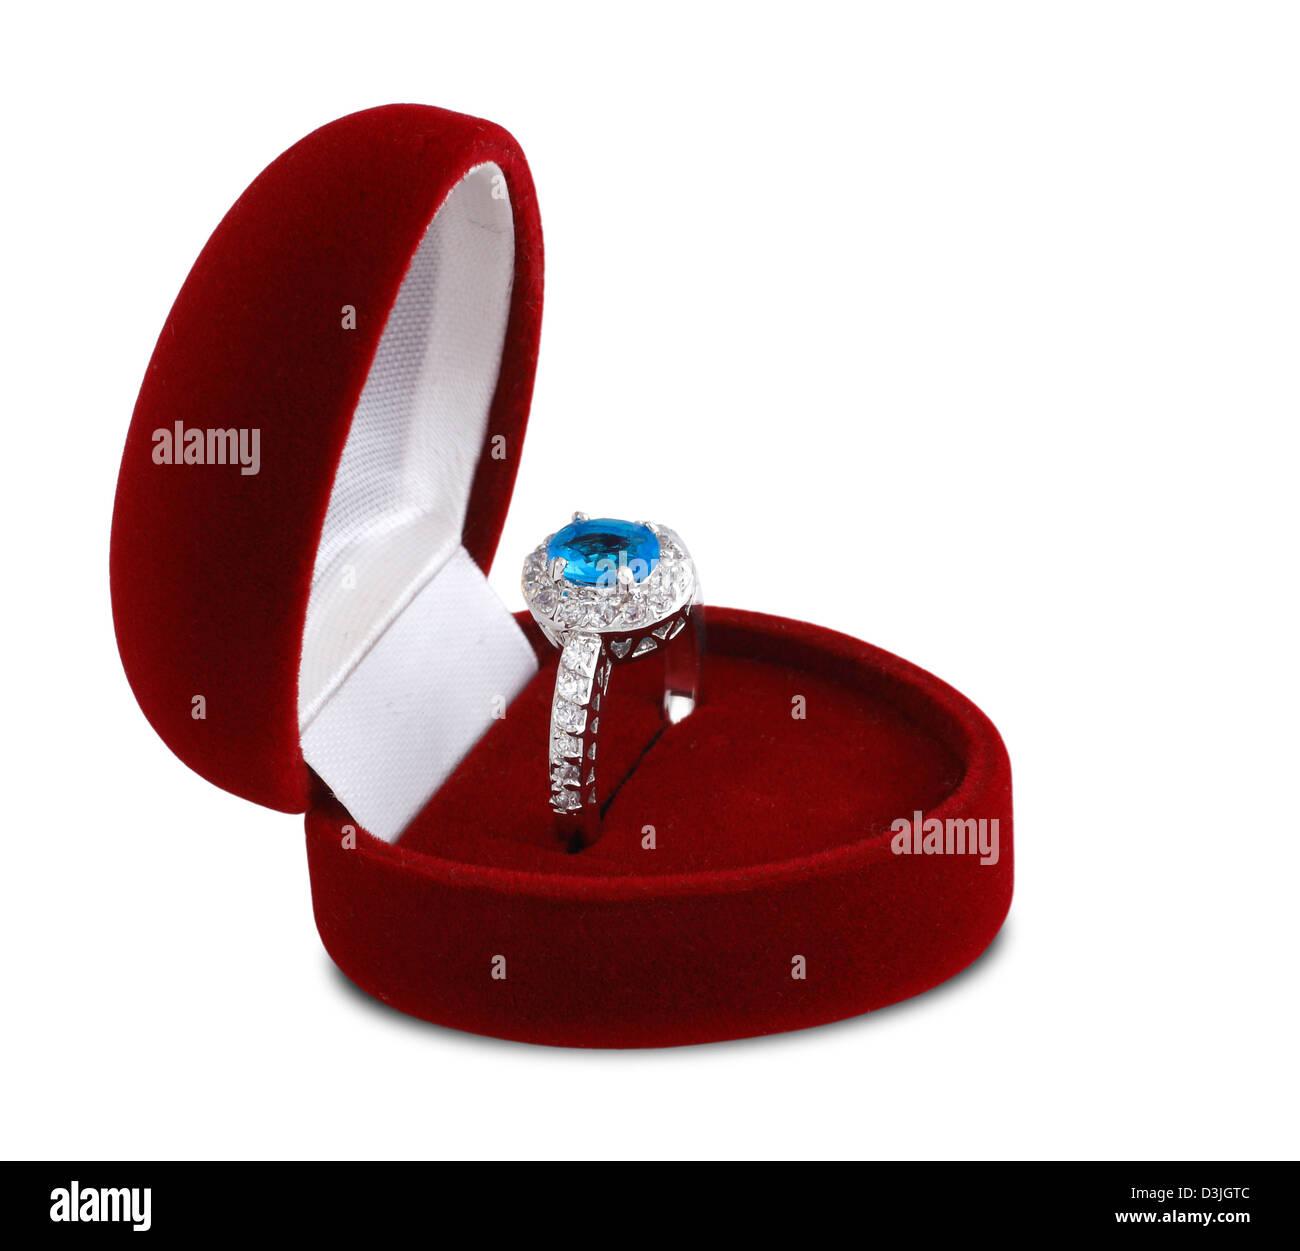 diamond ring in red velvet box isolated on white background - Stock Image